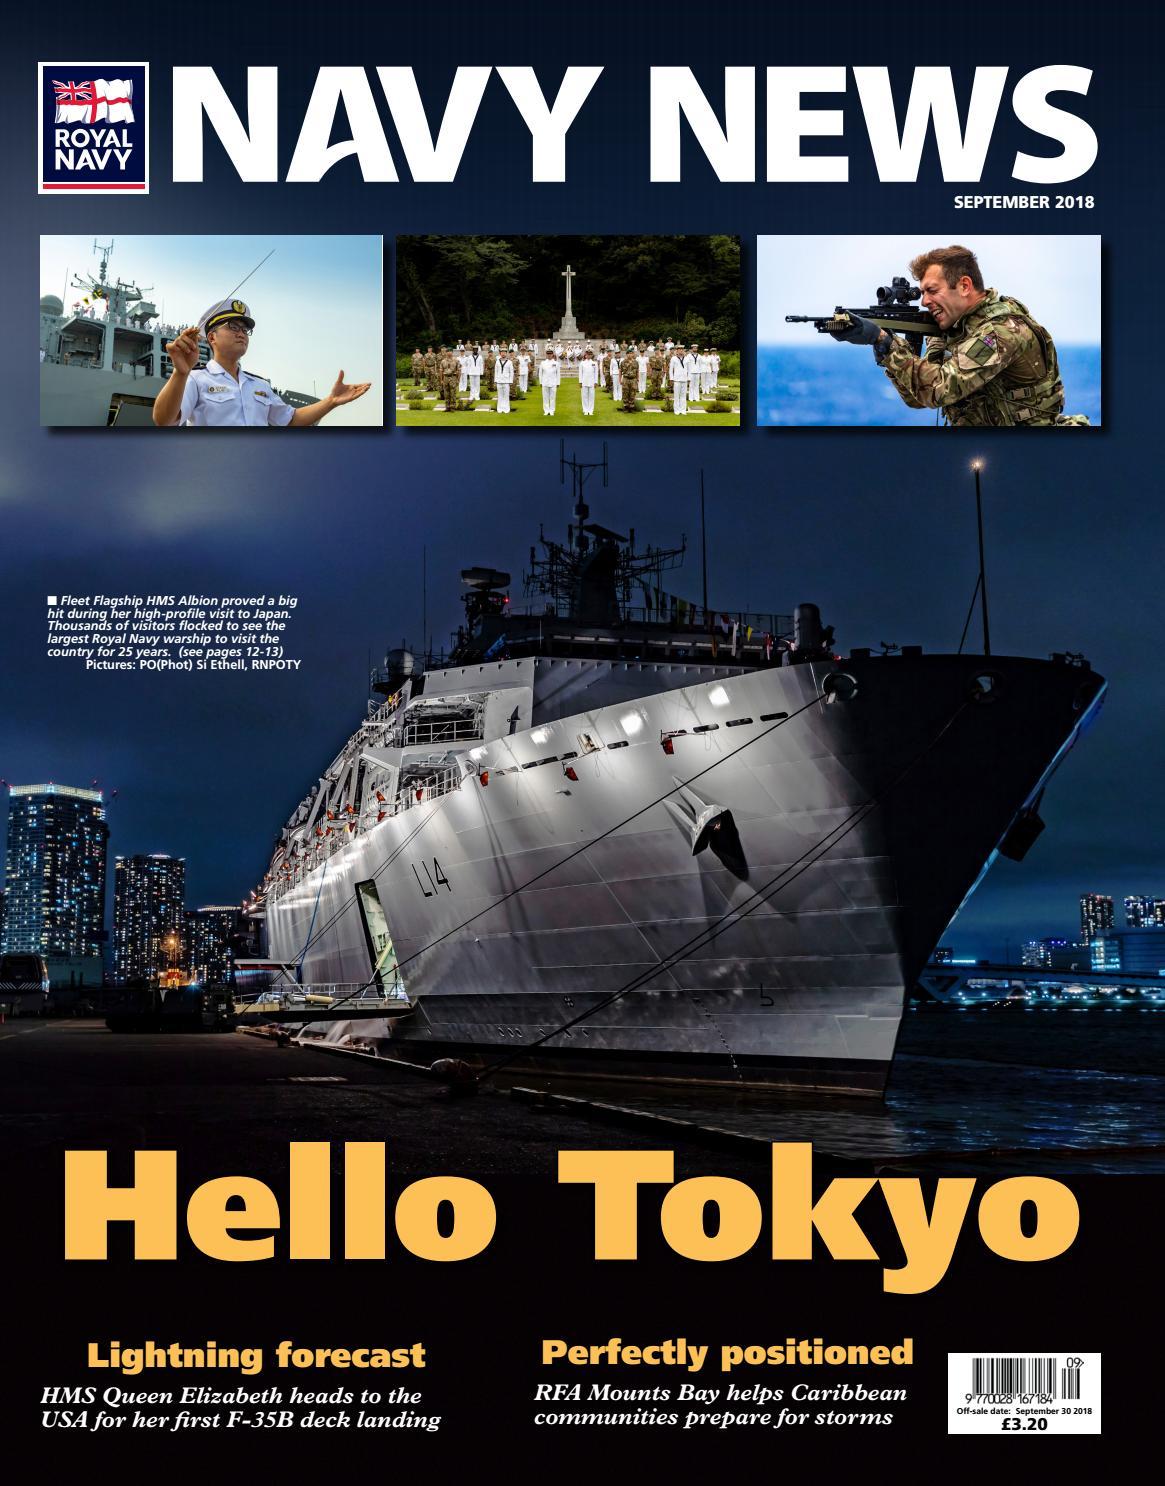 d9d4c4d5feba4 Navy News September 2018 by Navy News - issuu